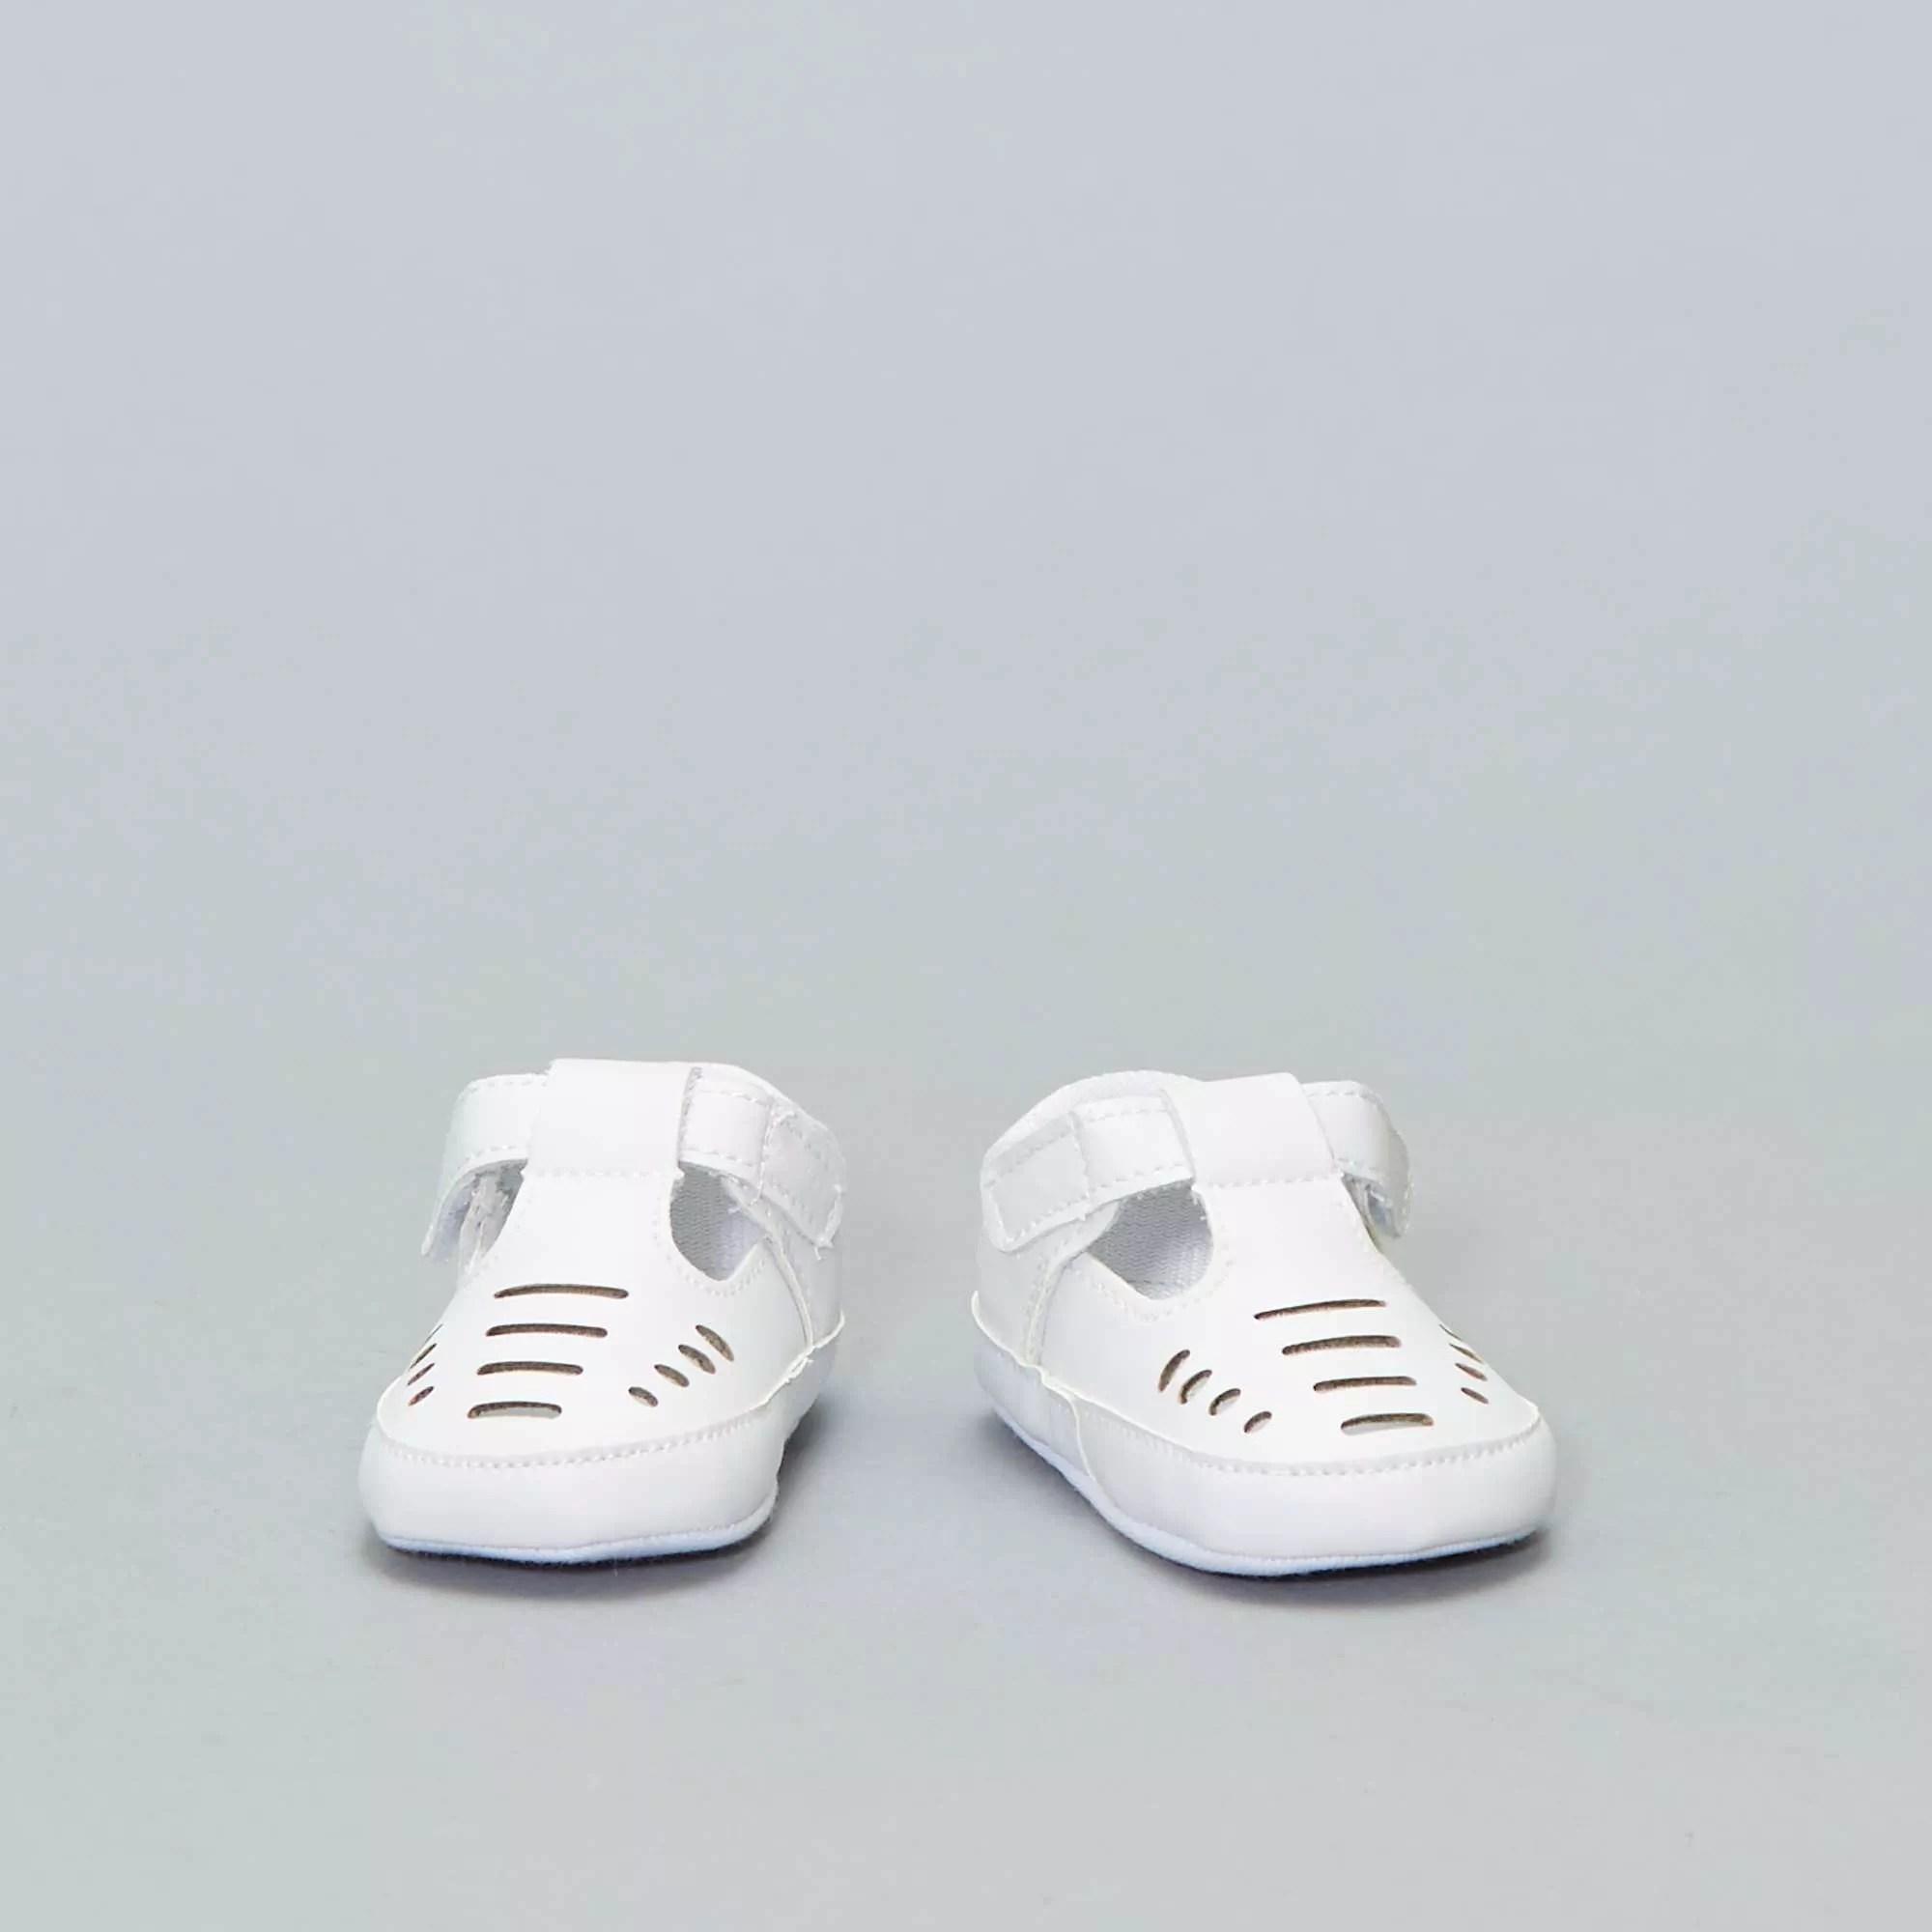 grand choix de 2019 nouveau style de vie limpide en vue Bébé Bébé Kiabi Fille Chaussures Chaussures Fille rxodBeC